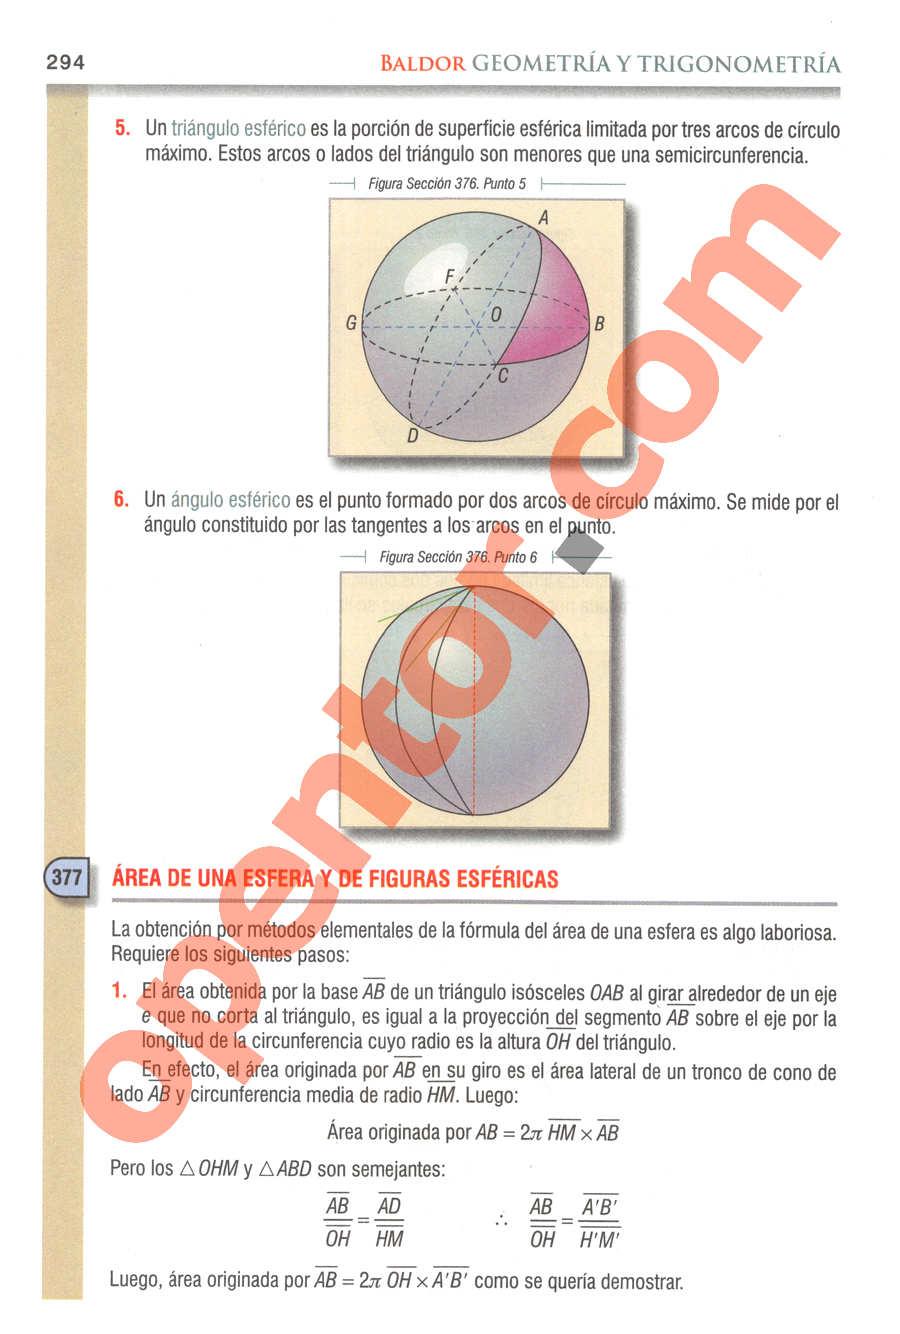 Geometría y Trigonometría de Baldor - Página 294